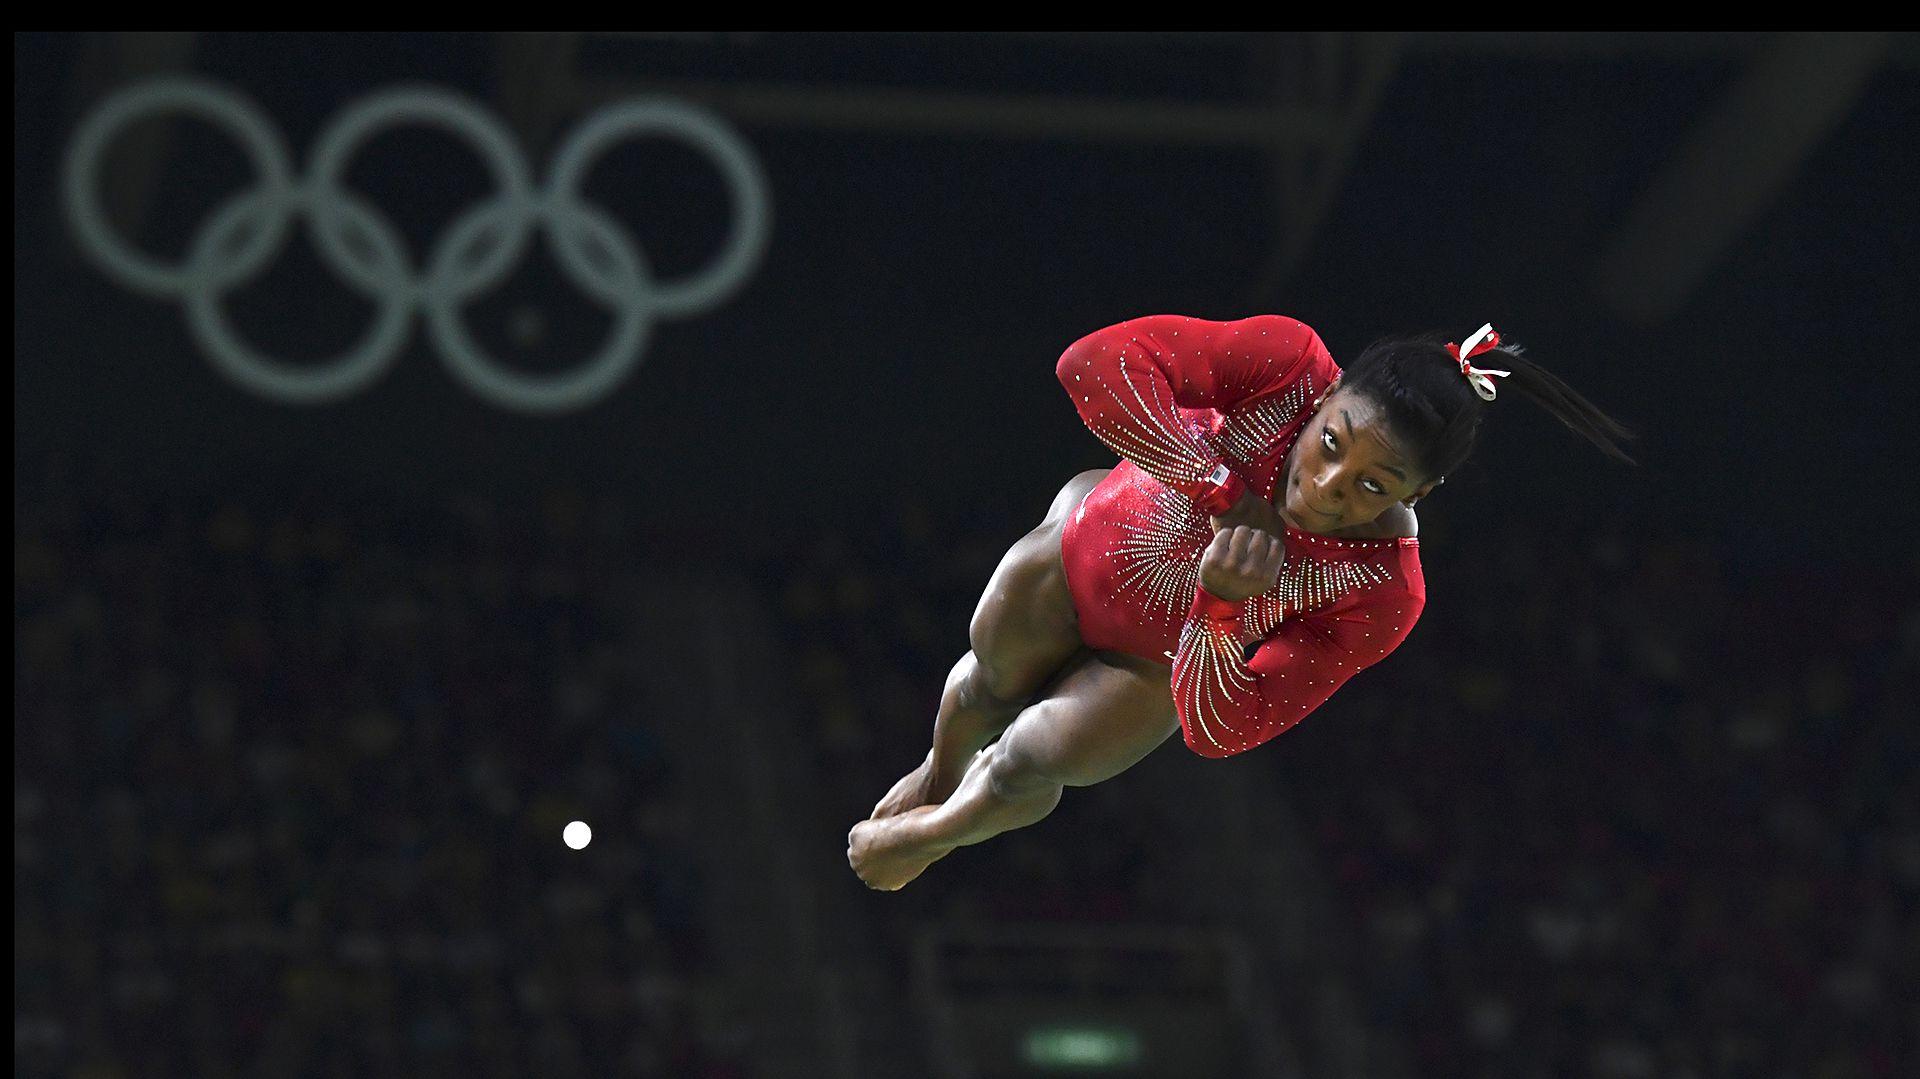 Simone Biles se convirtió en la mejor gimnasta del mundo después de su actuación consagratoria en los Juegos Olímpicos de Río 2016